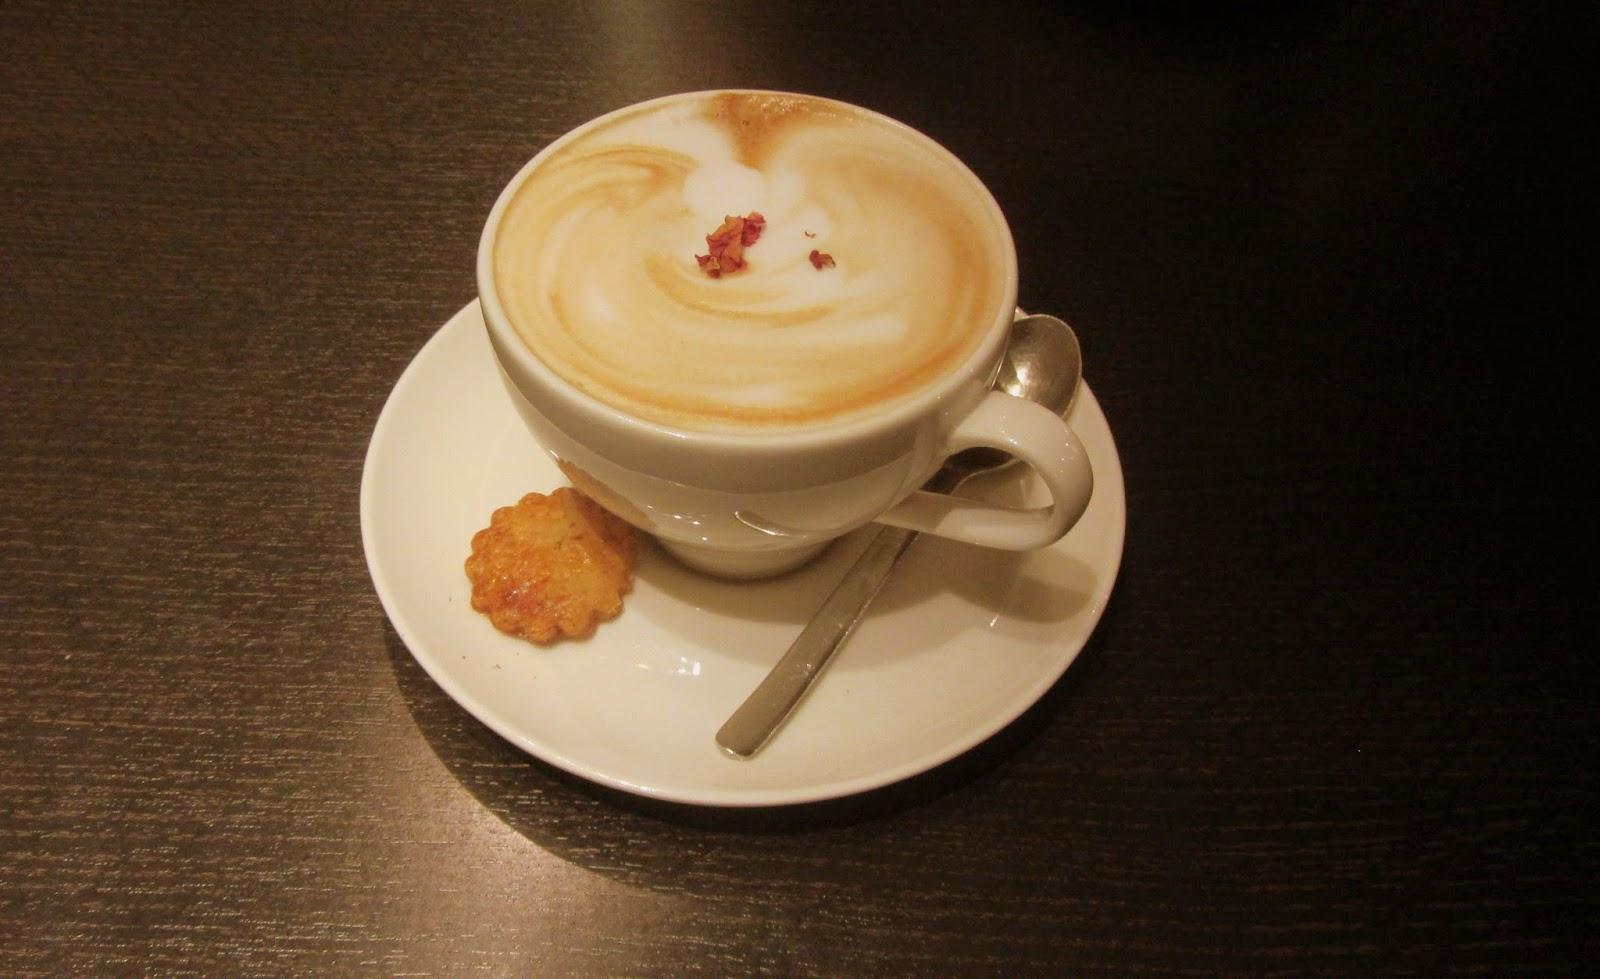 Rose Latte Acoustic Tea Lounge Al-Khobar Saudi Arabia blogging